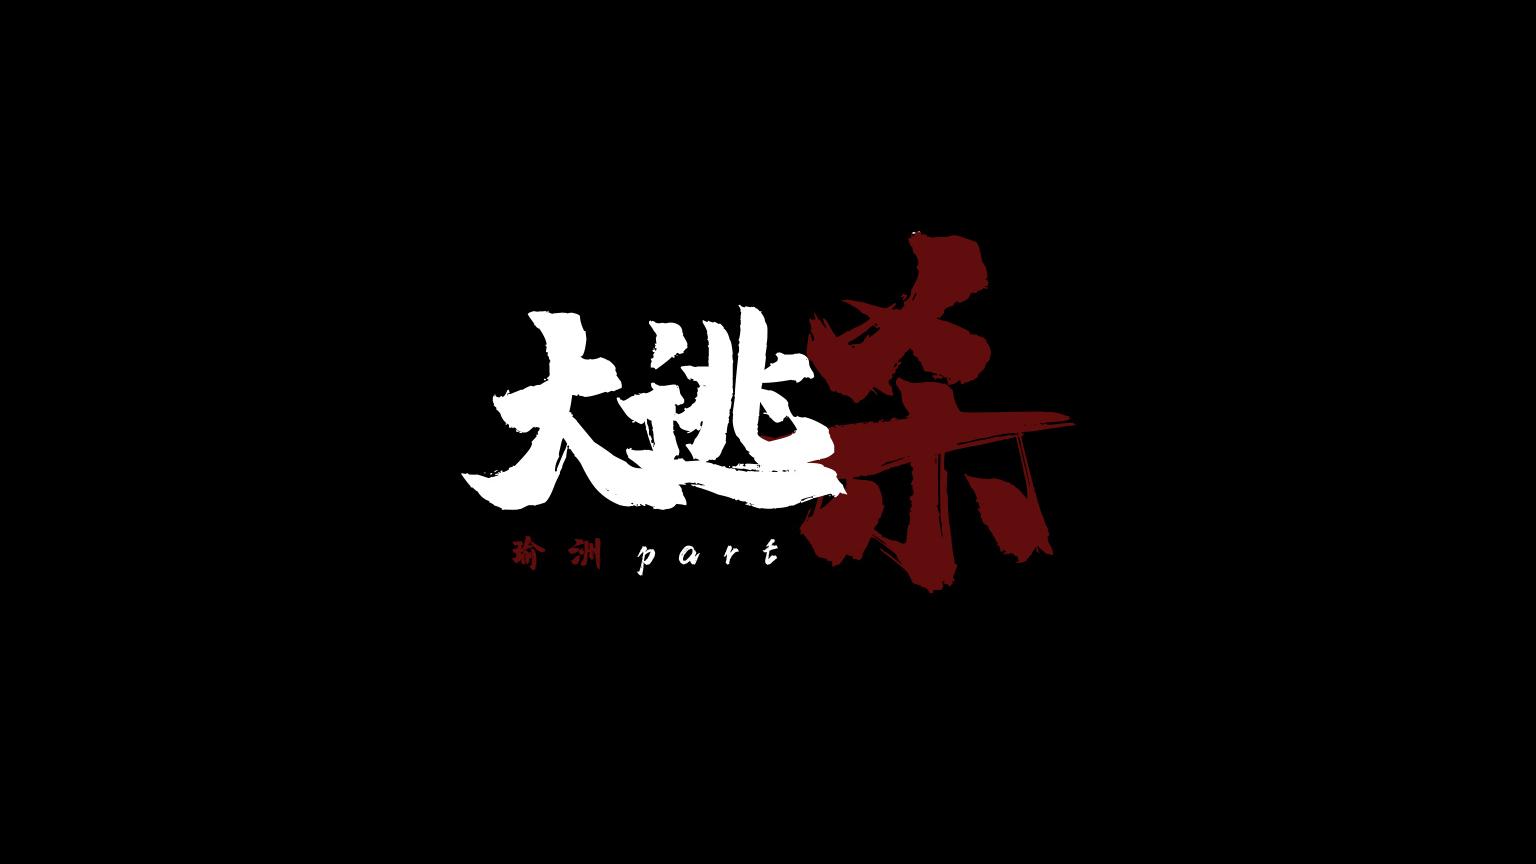 丨瑜洲丨大逃杀丨血腥爱情故事